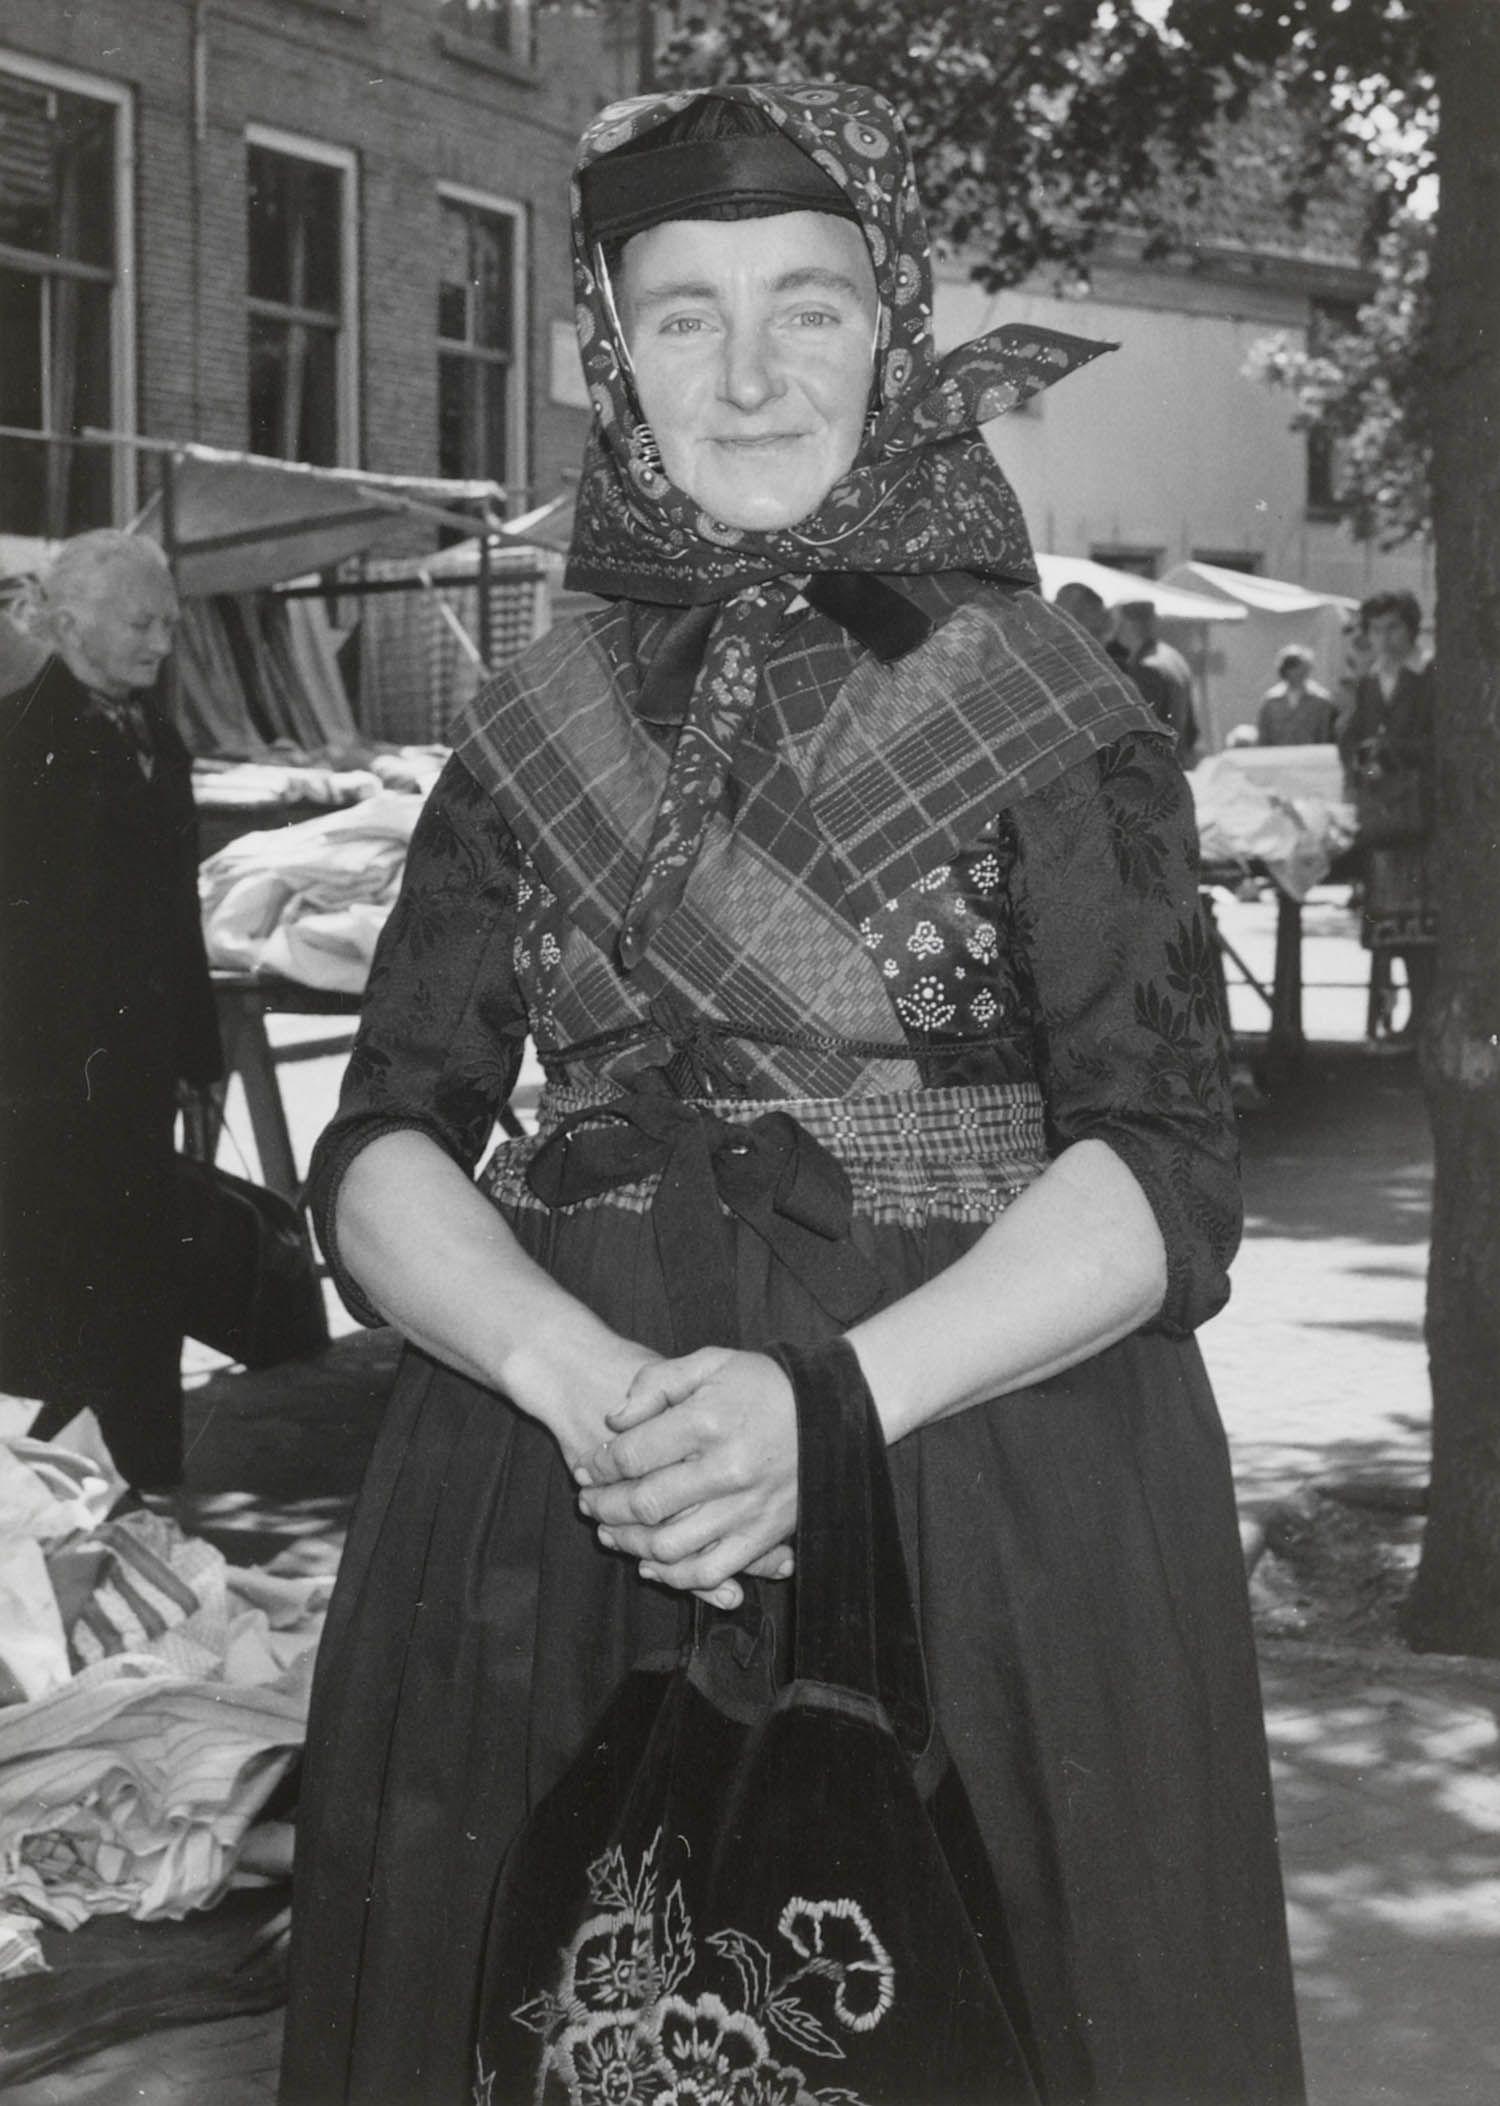 Mevrouw Geesje Konterman-Hooikammer uit Rouveen op de markt te Meppel. Geesje draagt de streekdracht van Staphorst en Rouveen. Ze is gekleed in opknapdracht en is in de zware rouw. Aan haar hand een 'karbies' (tas). Over het oorijzer draagt ze een hoofddoek. 1960 #Overijssel #Staphorst